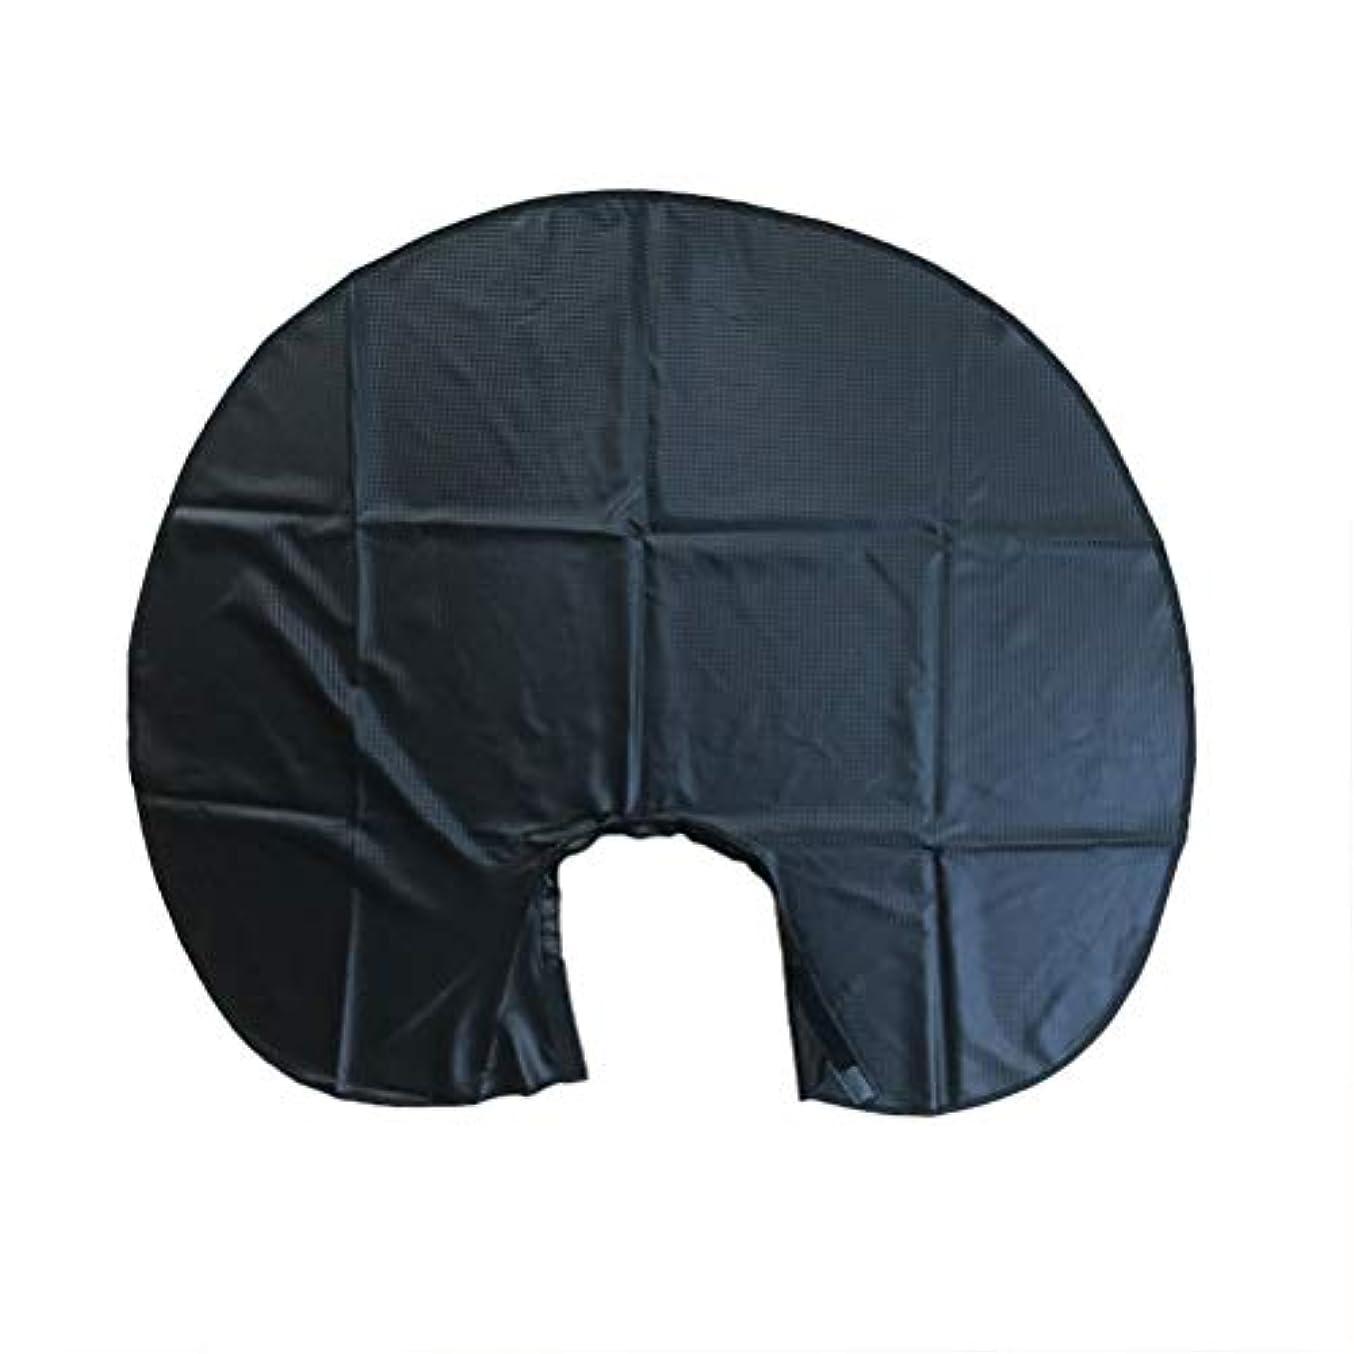 増幅器モデレータ瞑想的Beaupretty 1ピースヘアサロン切断エプロン防水ショートヘアケープケープ理髪店のドレス用理髪スタイリング